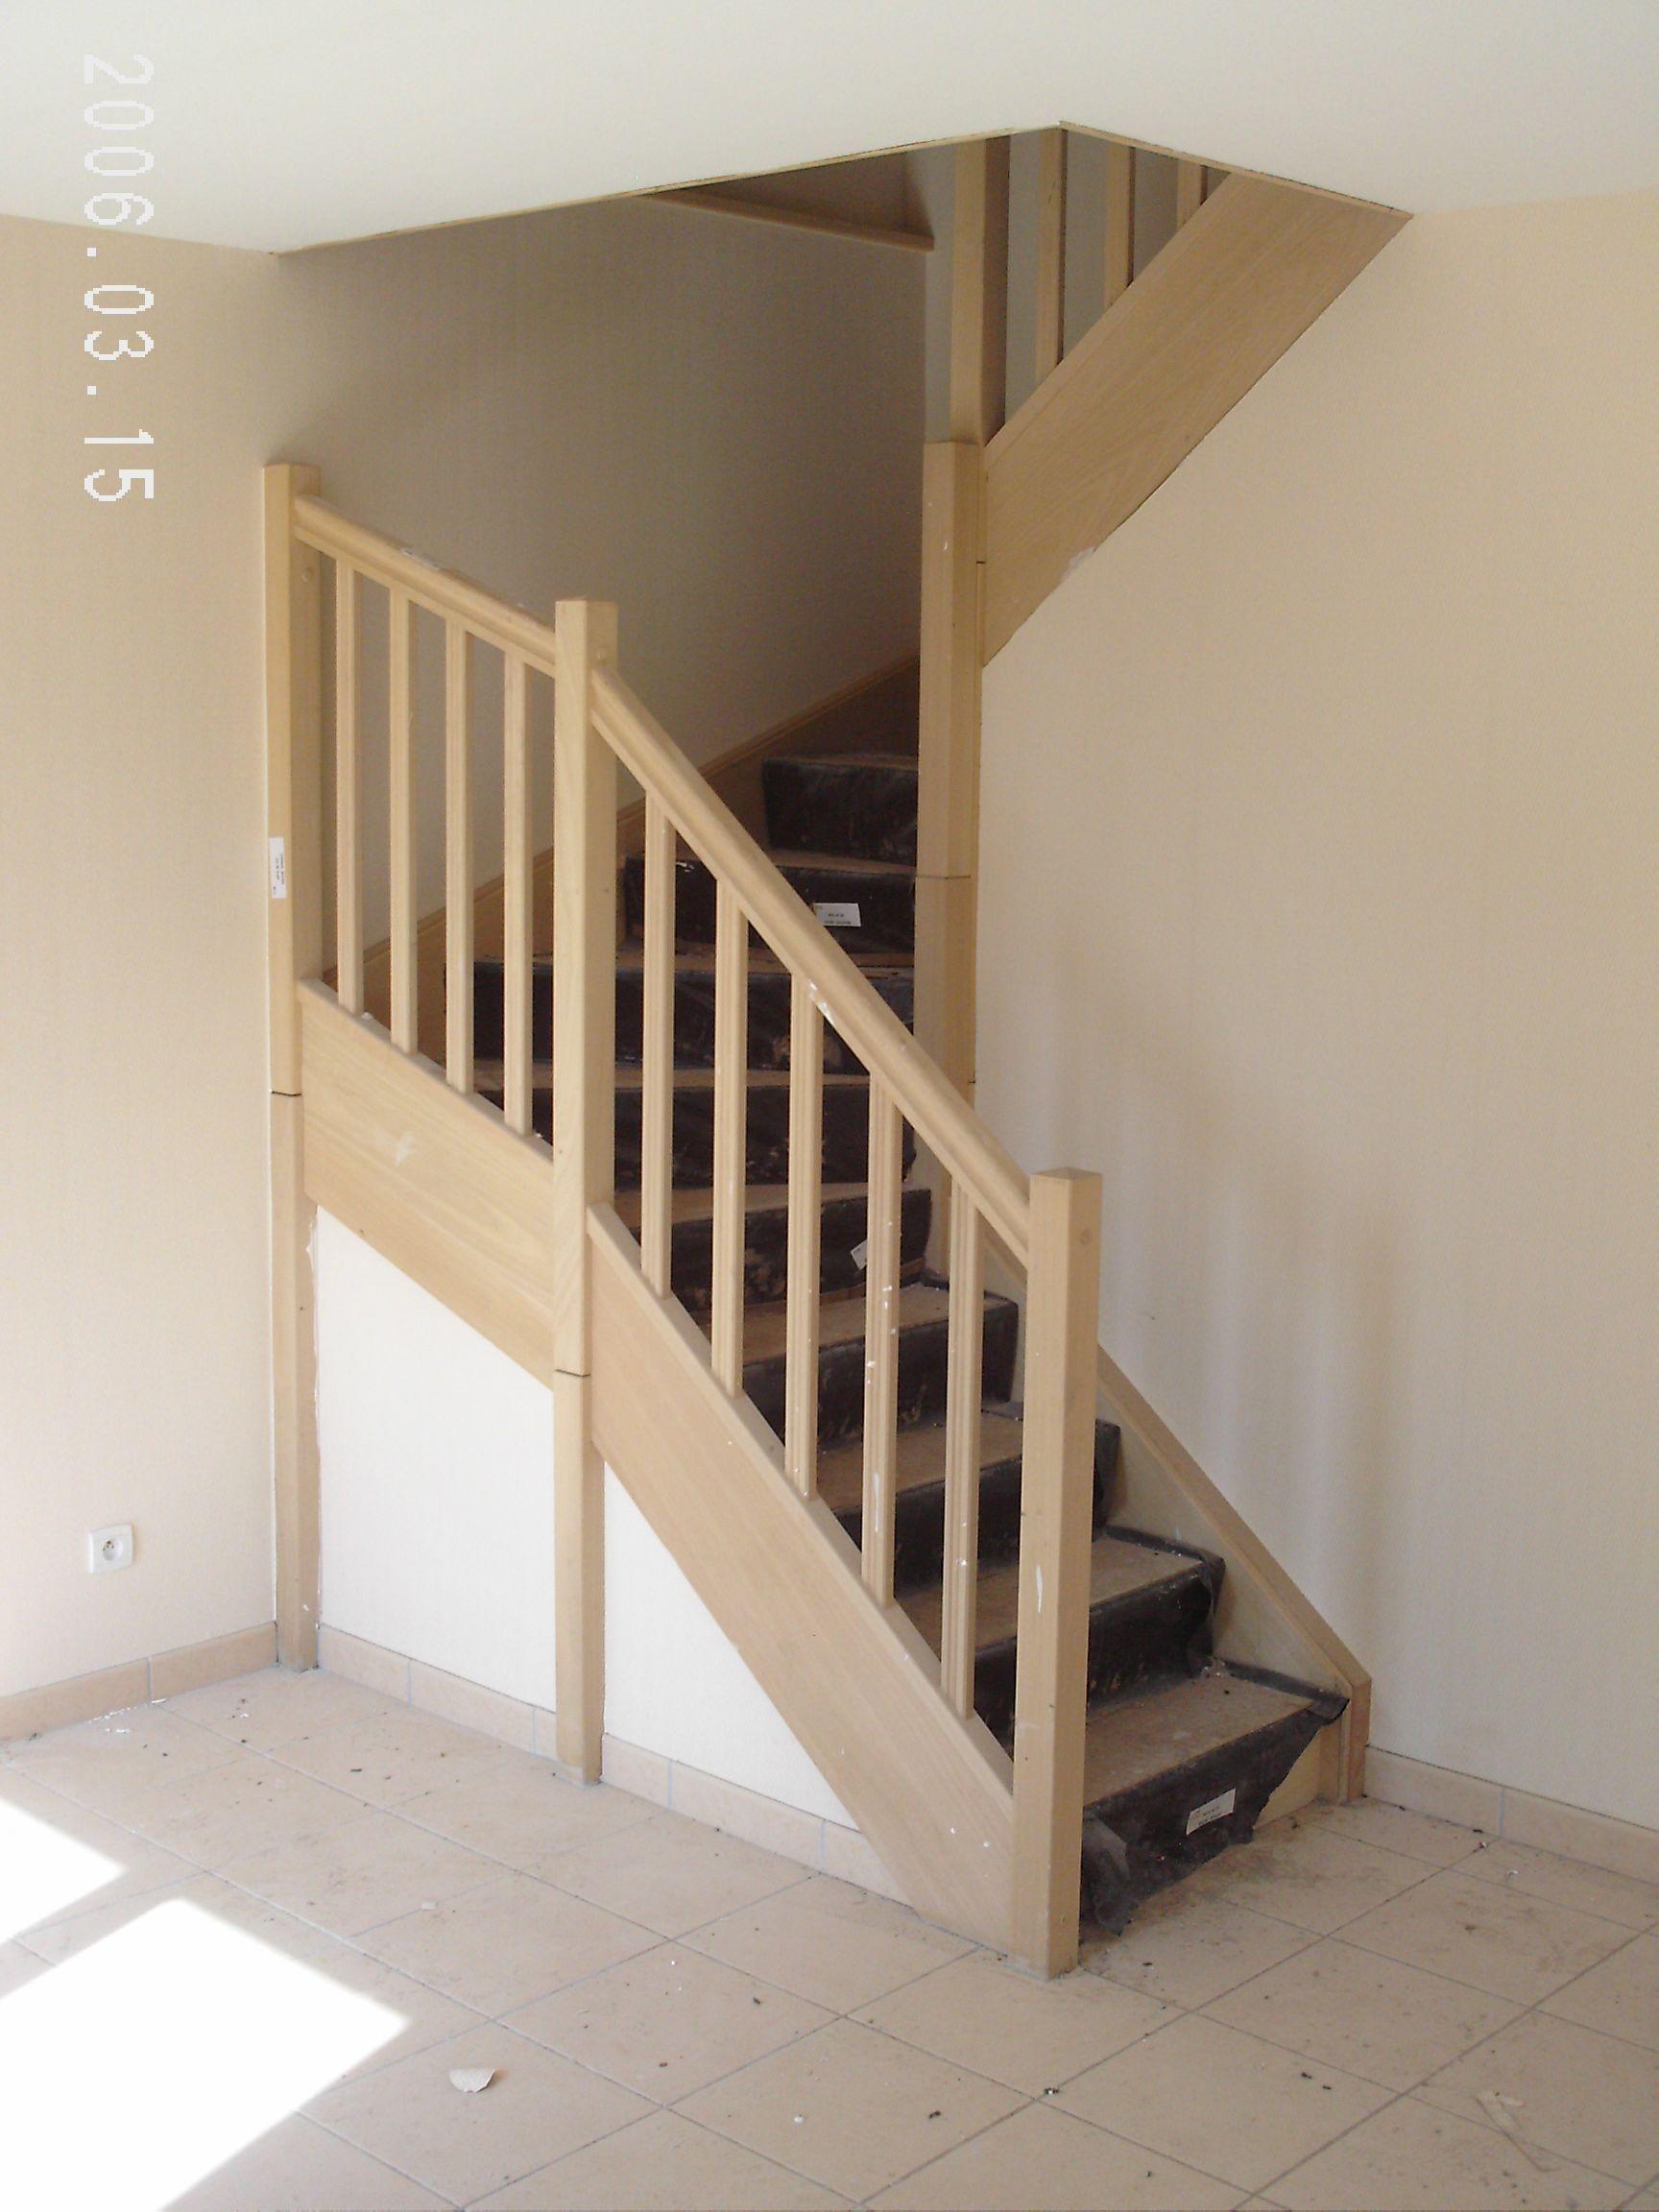 escaliers magnin cet escalier est de forme 2 4 tournant. Black Bedroom Furniture Sets. Home Design Ideas